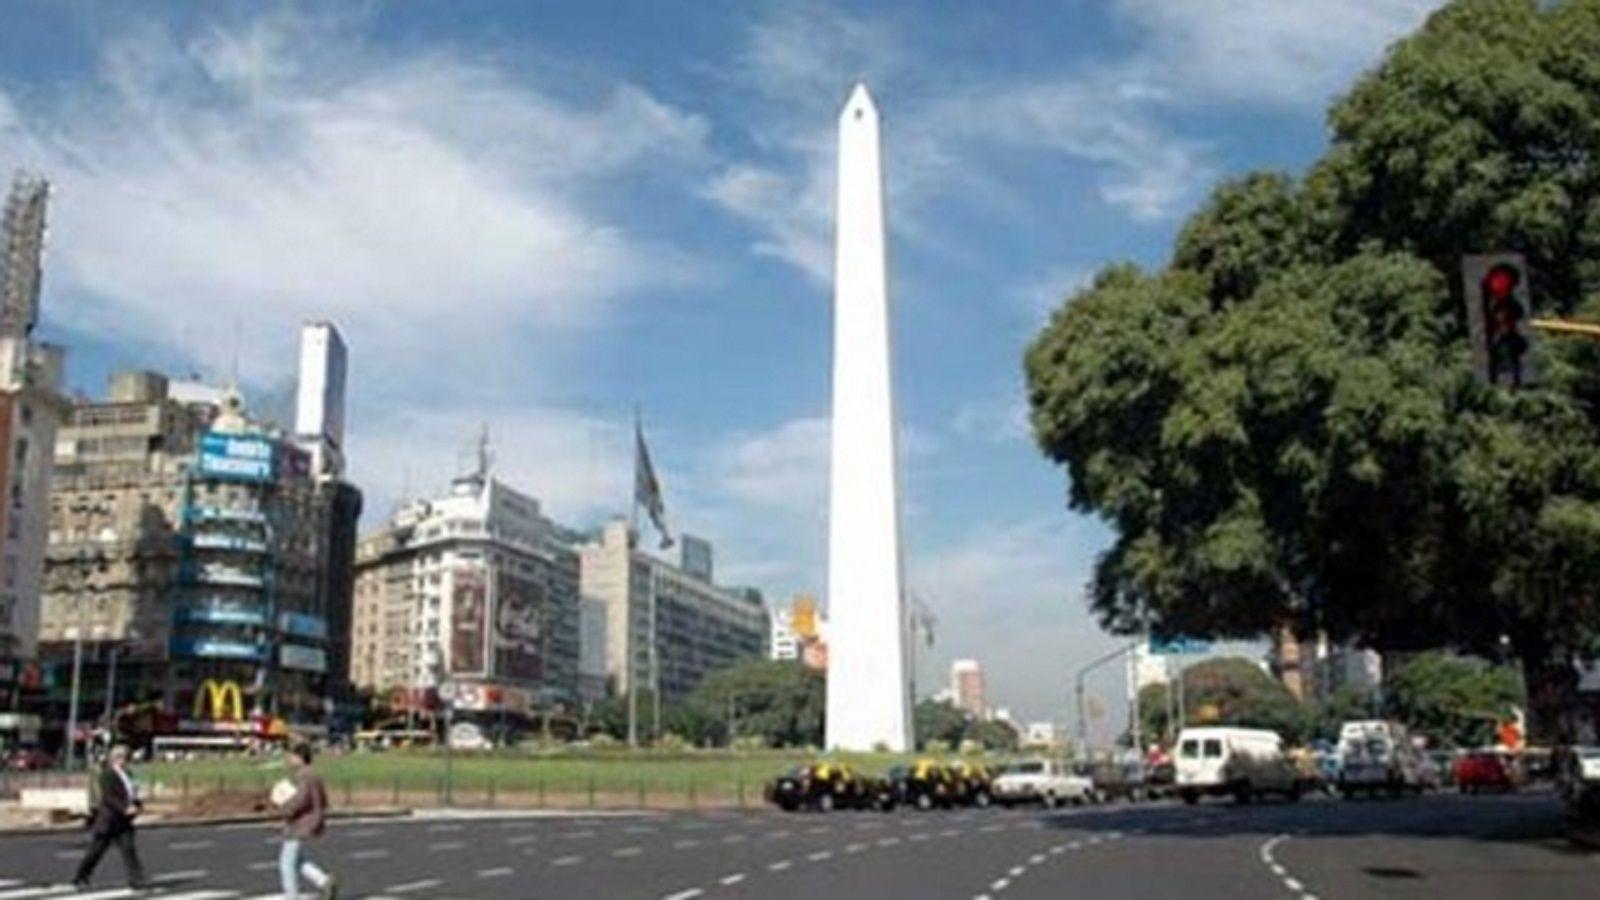 La sensaci n t rmica alcanz los 40 grados en buenos aires for Ciudad espectaculos argentina